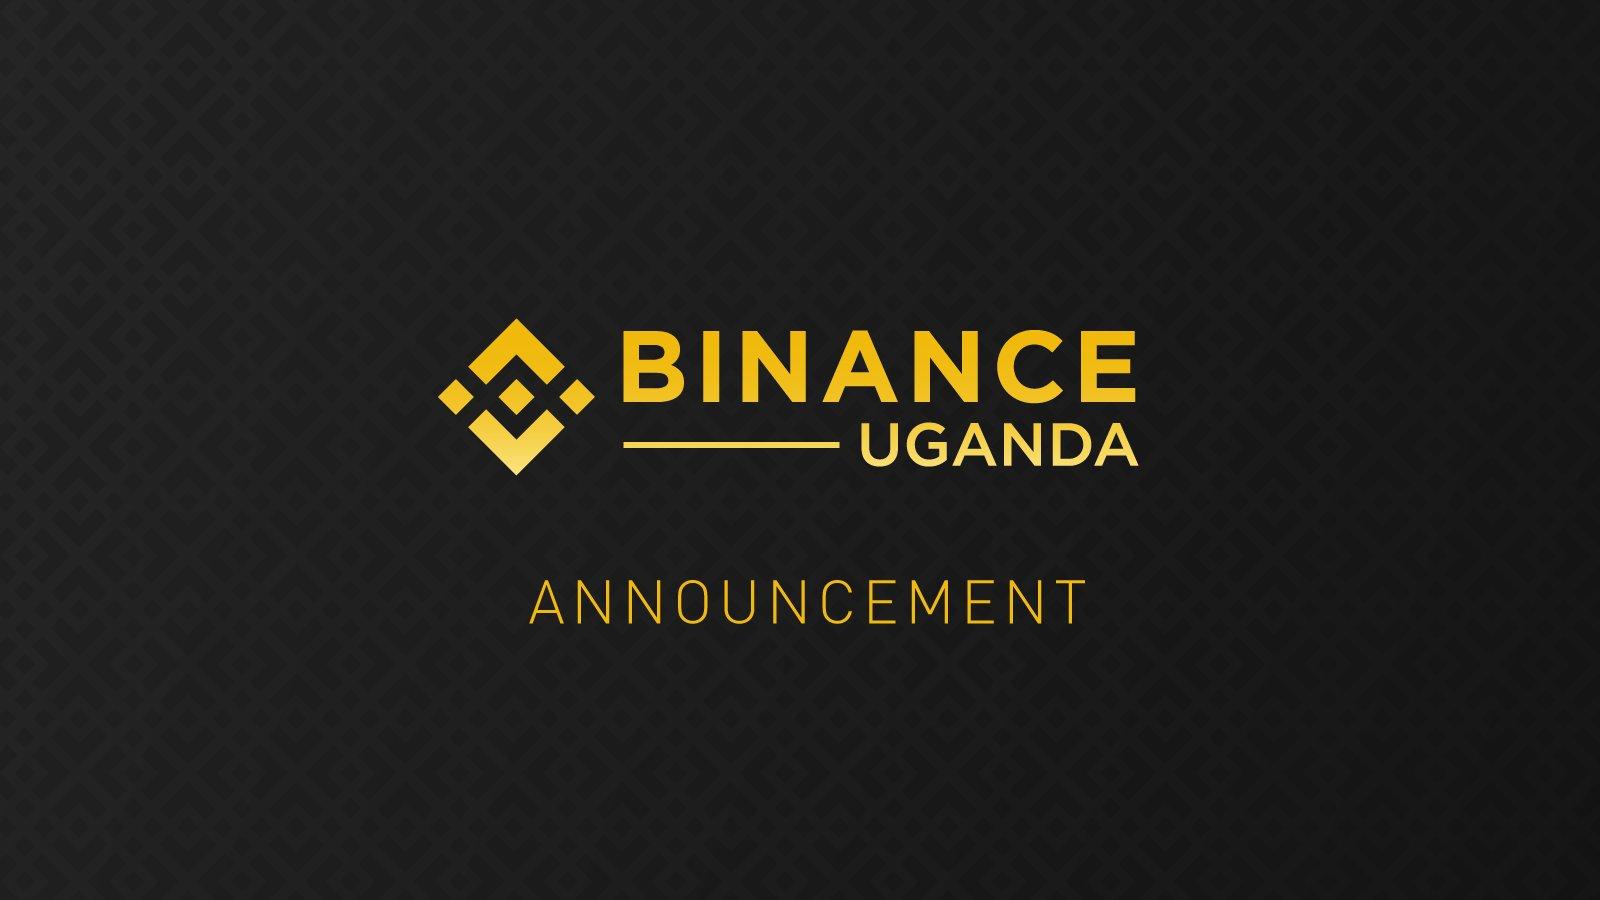 btc la ugx s7 bitcoin miner